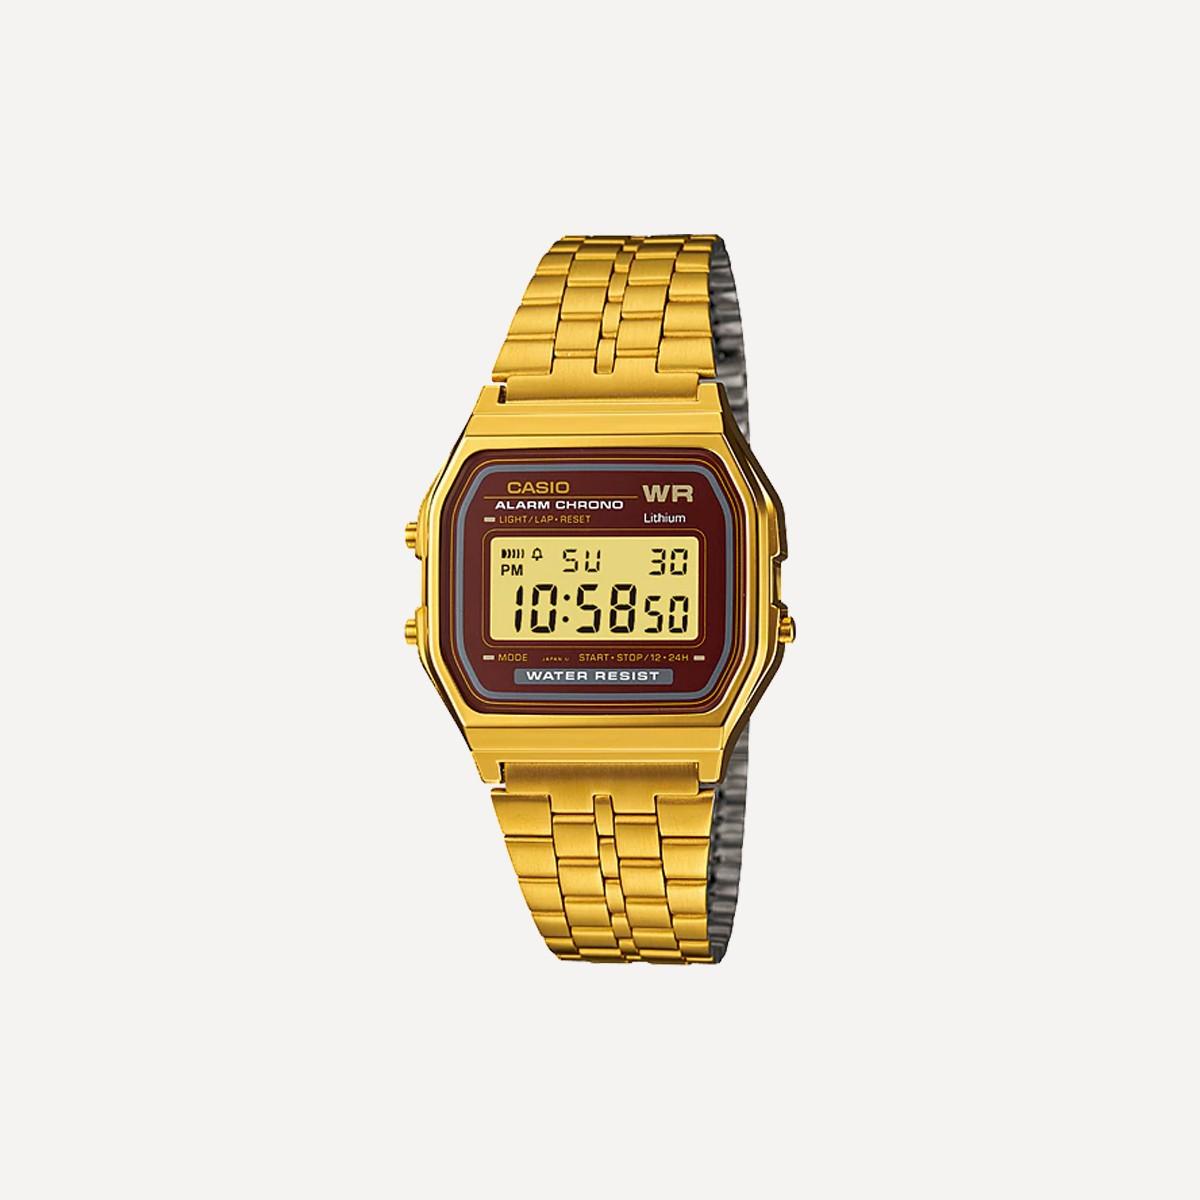 6f414f5a416 Relógio CASIO A159WGEA-5DF Dourado Marrom - Aragäna